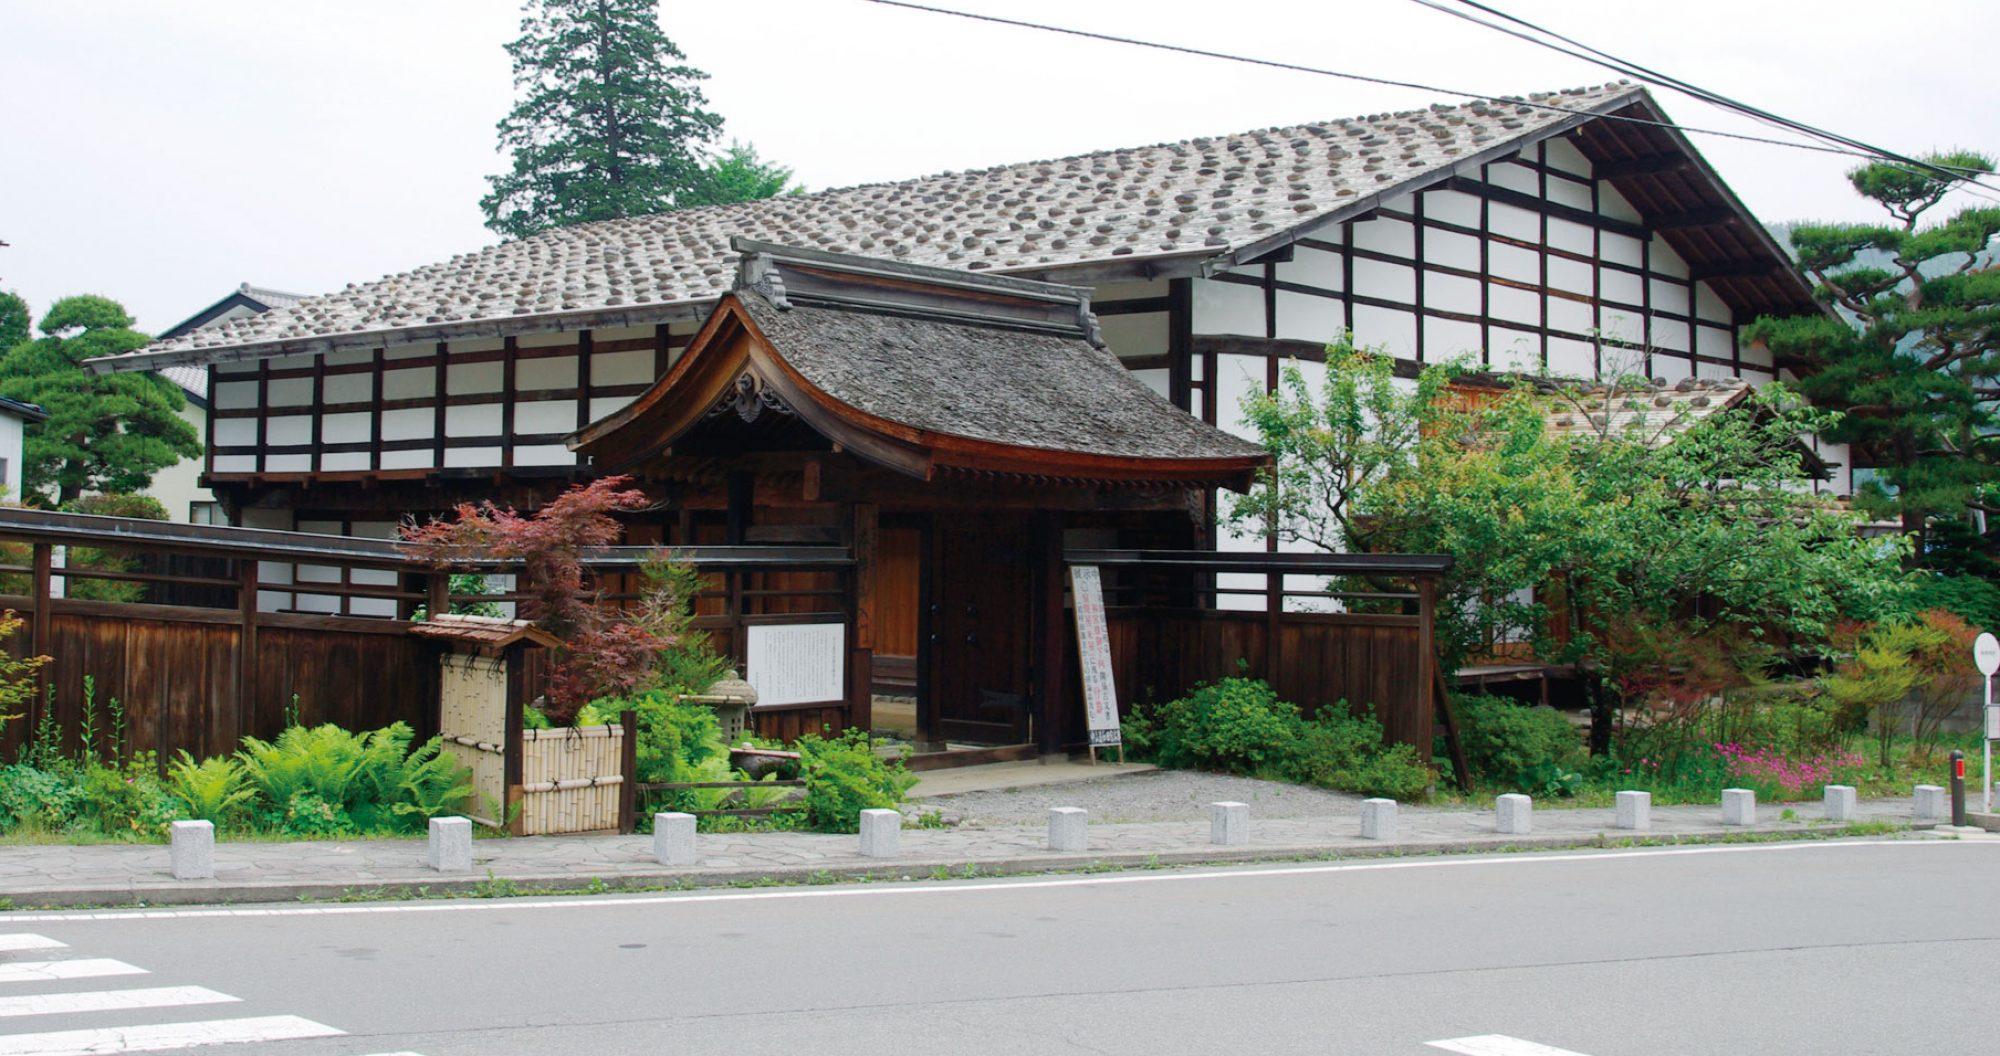 中山道 長久保宿・和田宿 長和の里歴史館